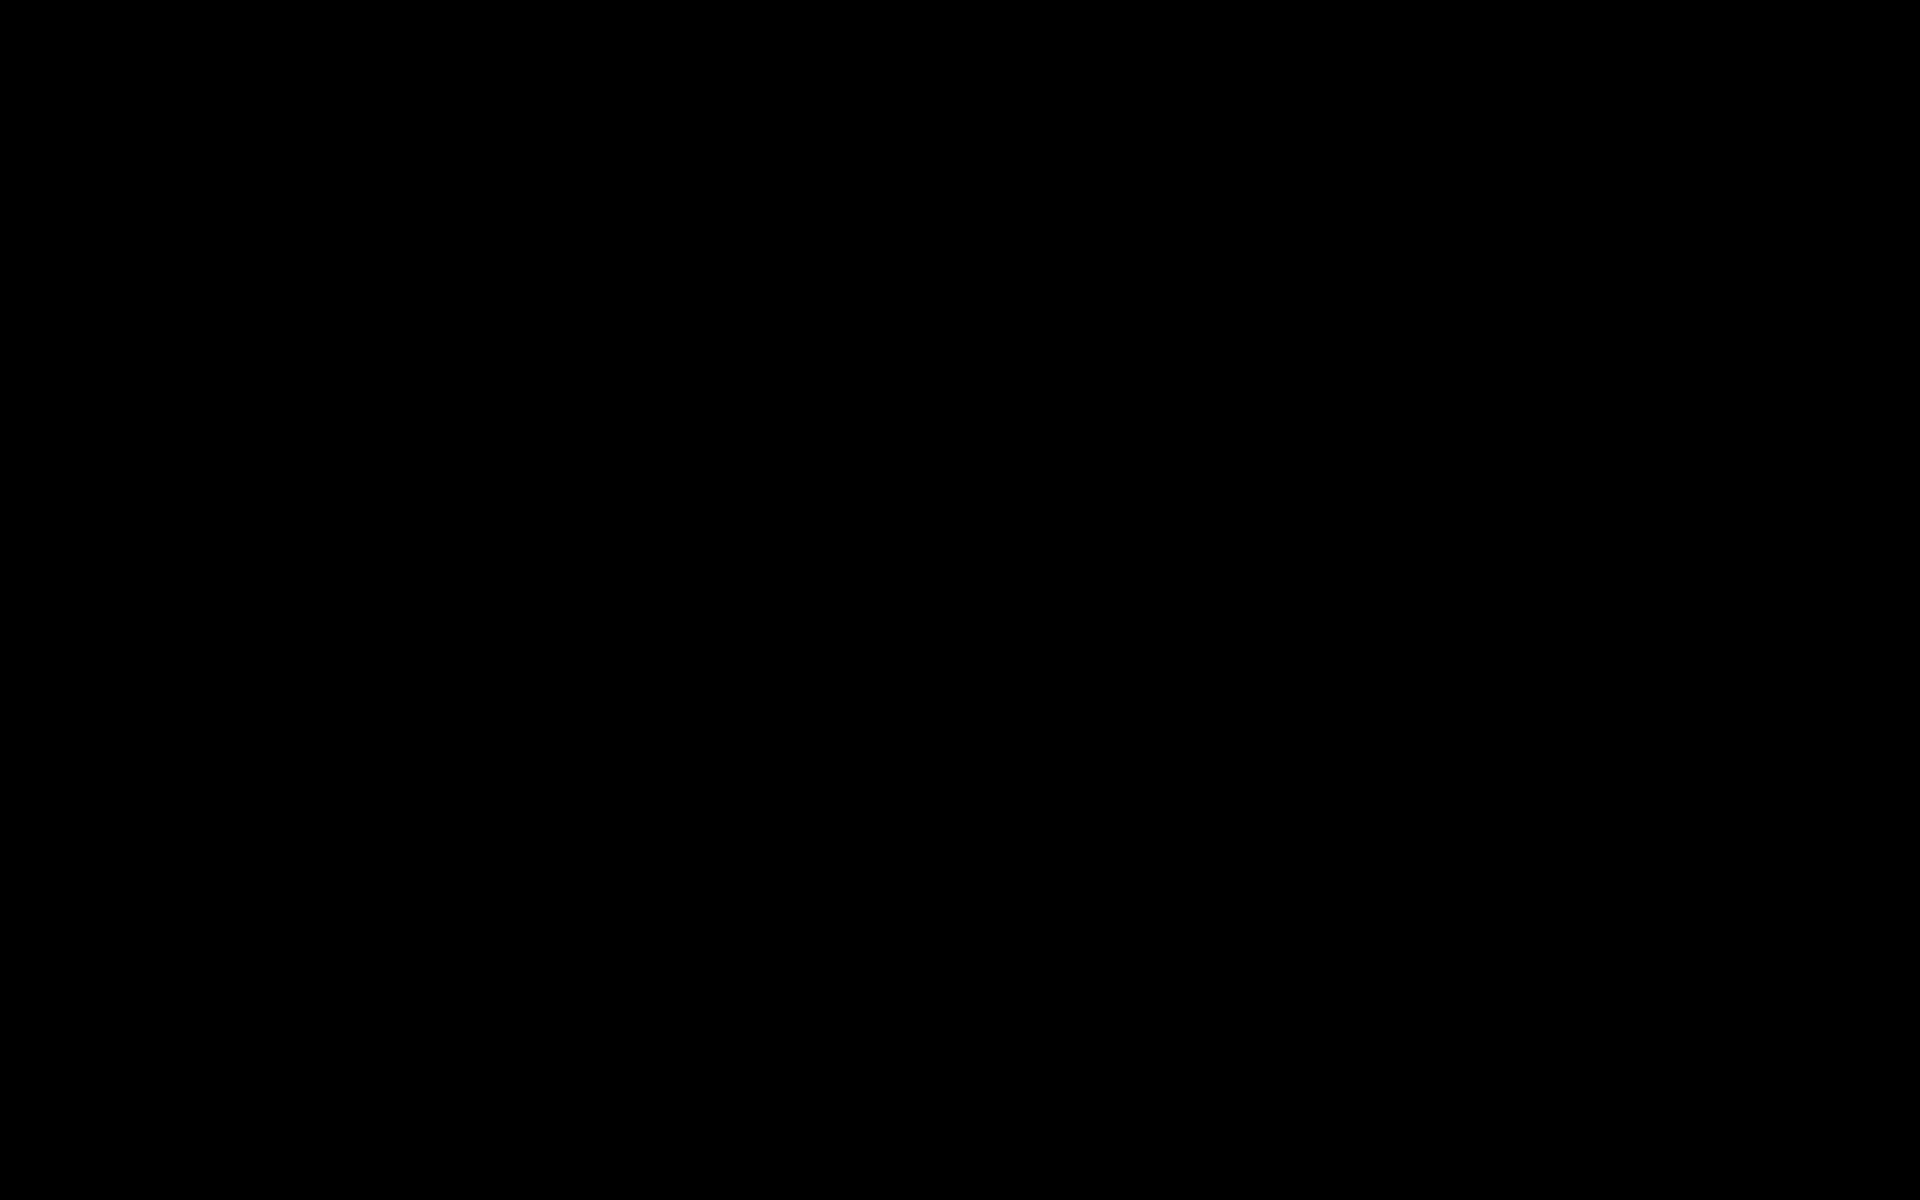 Il crogiuolo, NurArcheoFestival – XIII edizione: domani, domenica 1 agosto, si chiude con un doppio appuntamento il cartellone principale. Elena Bucci al Nuraghe Arrubiu di Orroli con LETTERA AL MONDO, alle 21.30